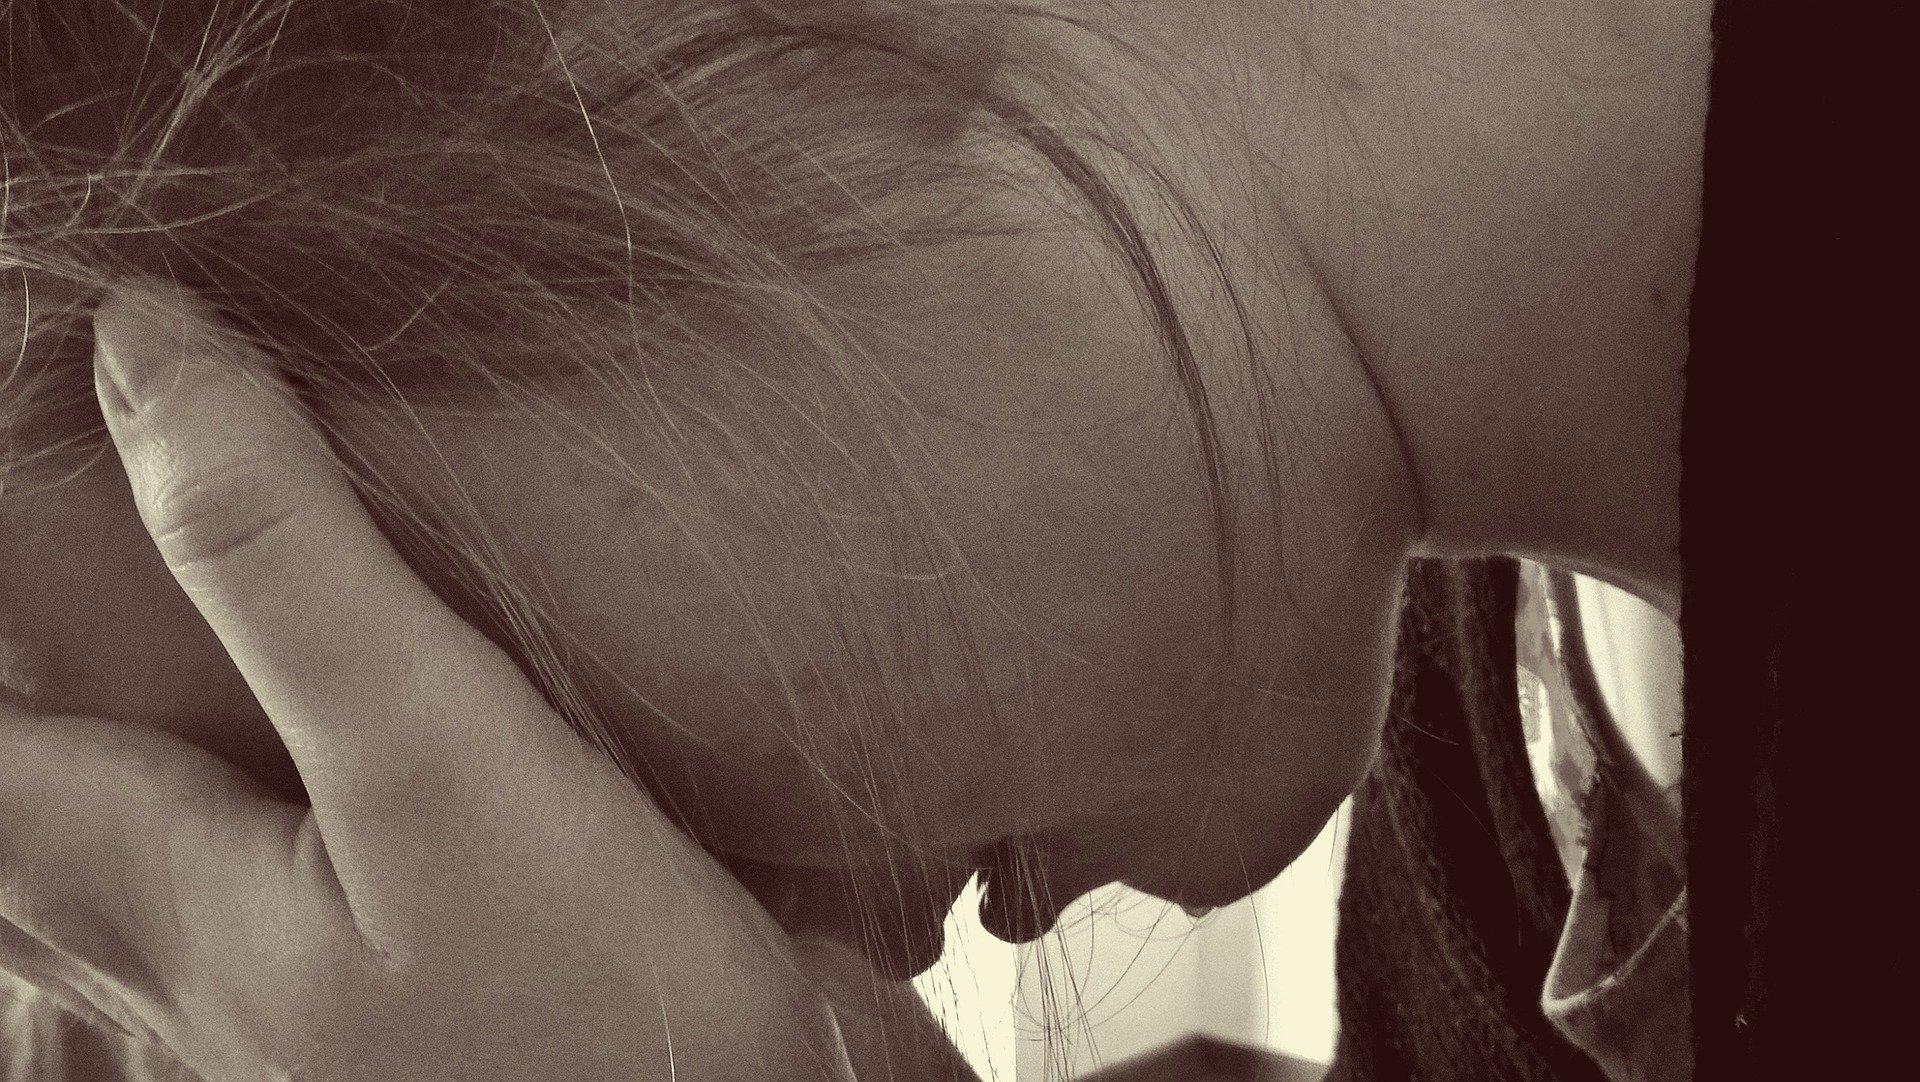 Depressão não é tudo igual: conheça os tipos menos comuns